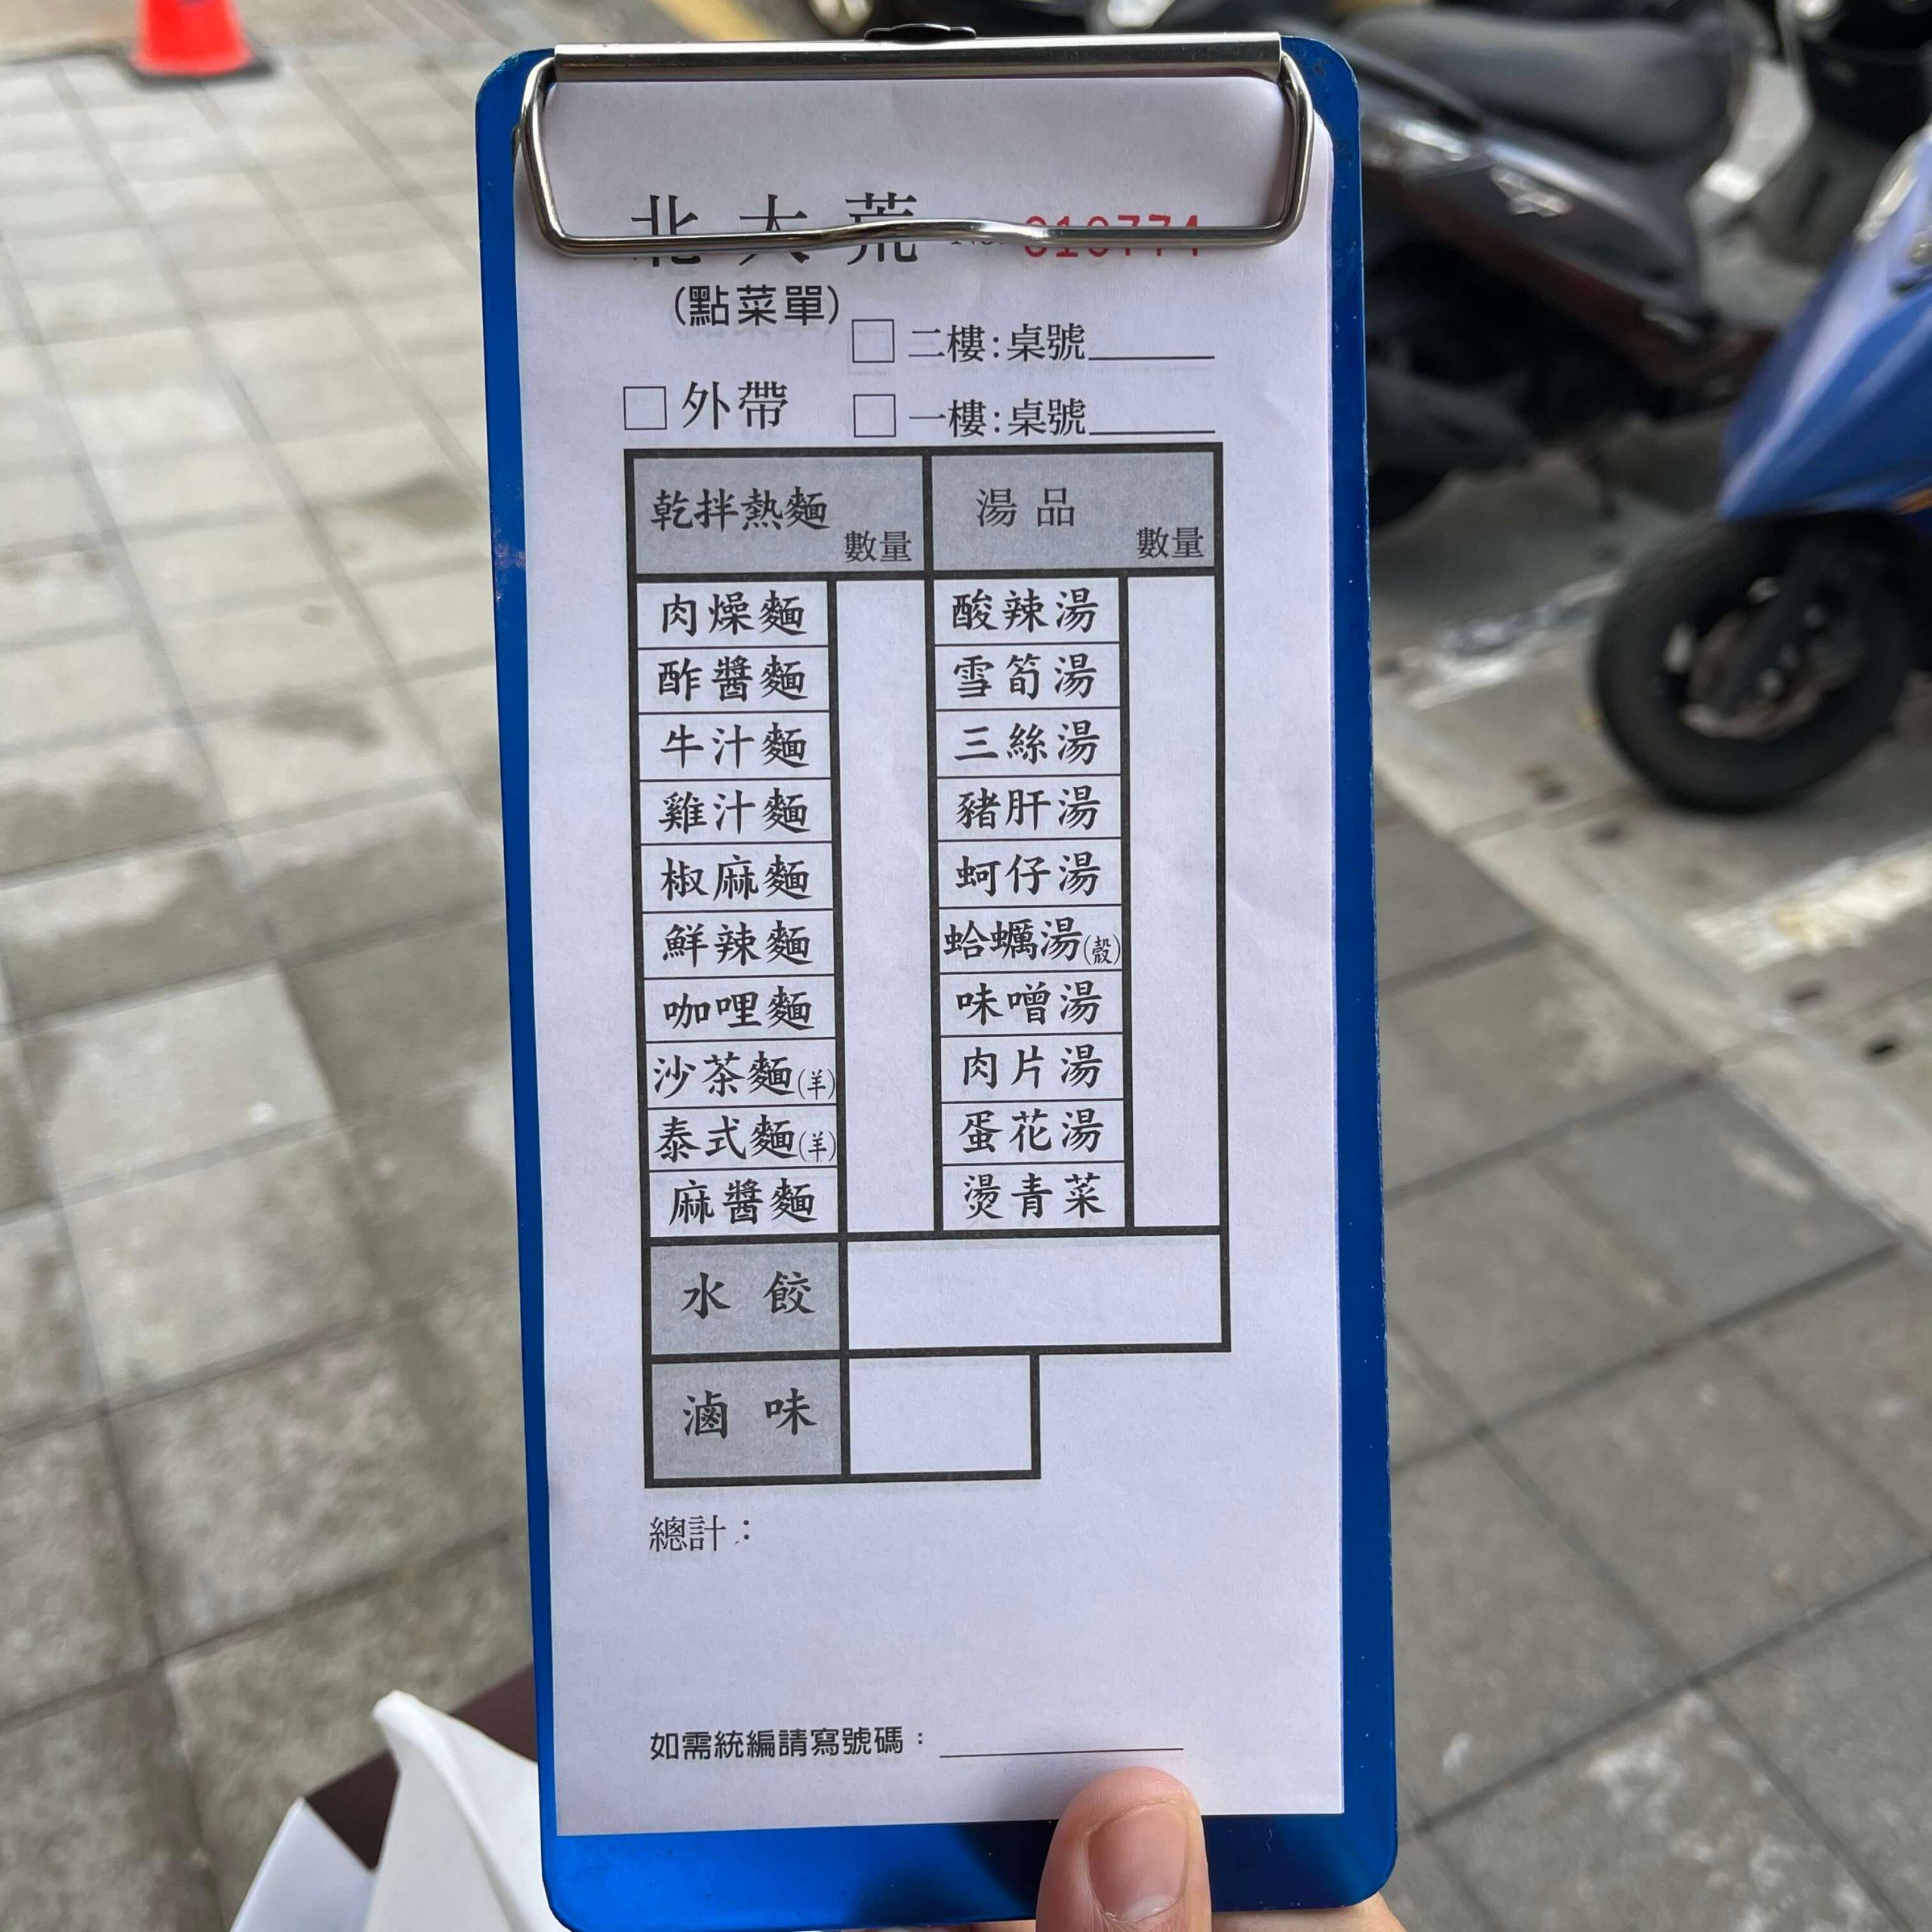 北大荒水餃店菜單MENU